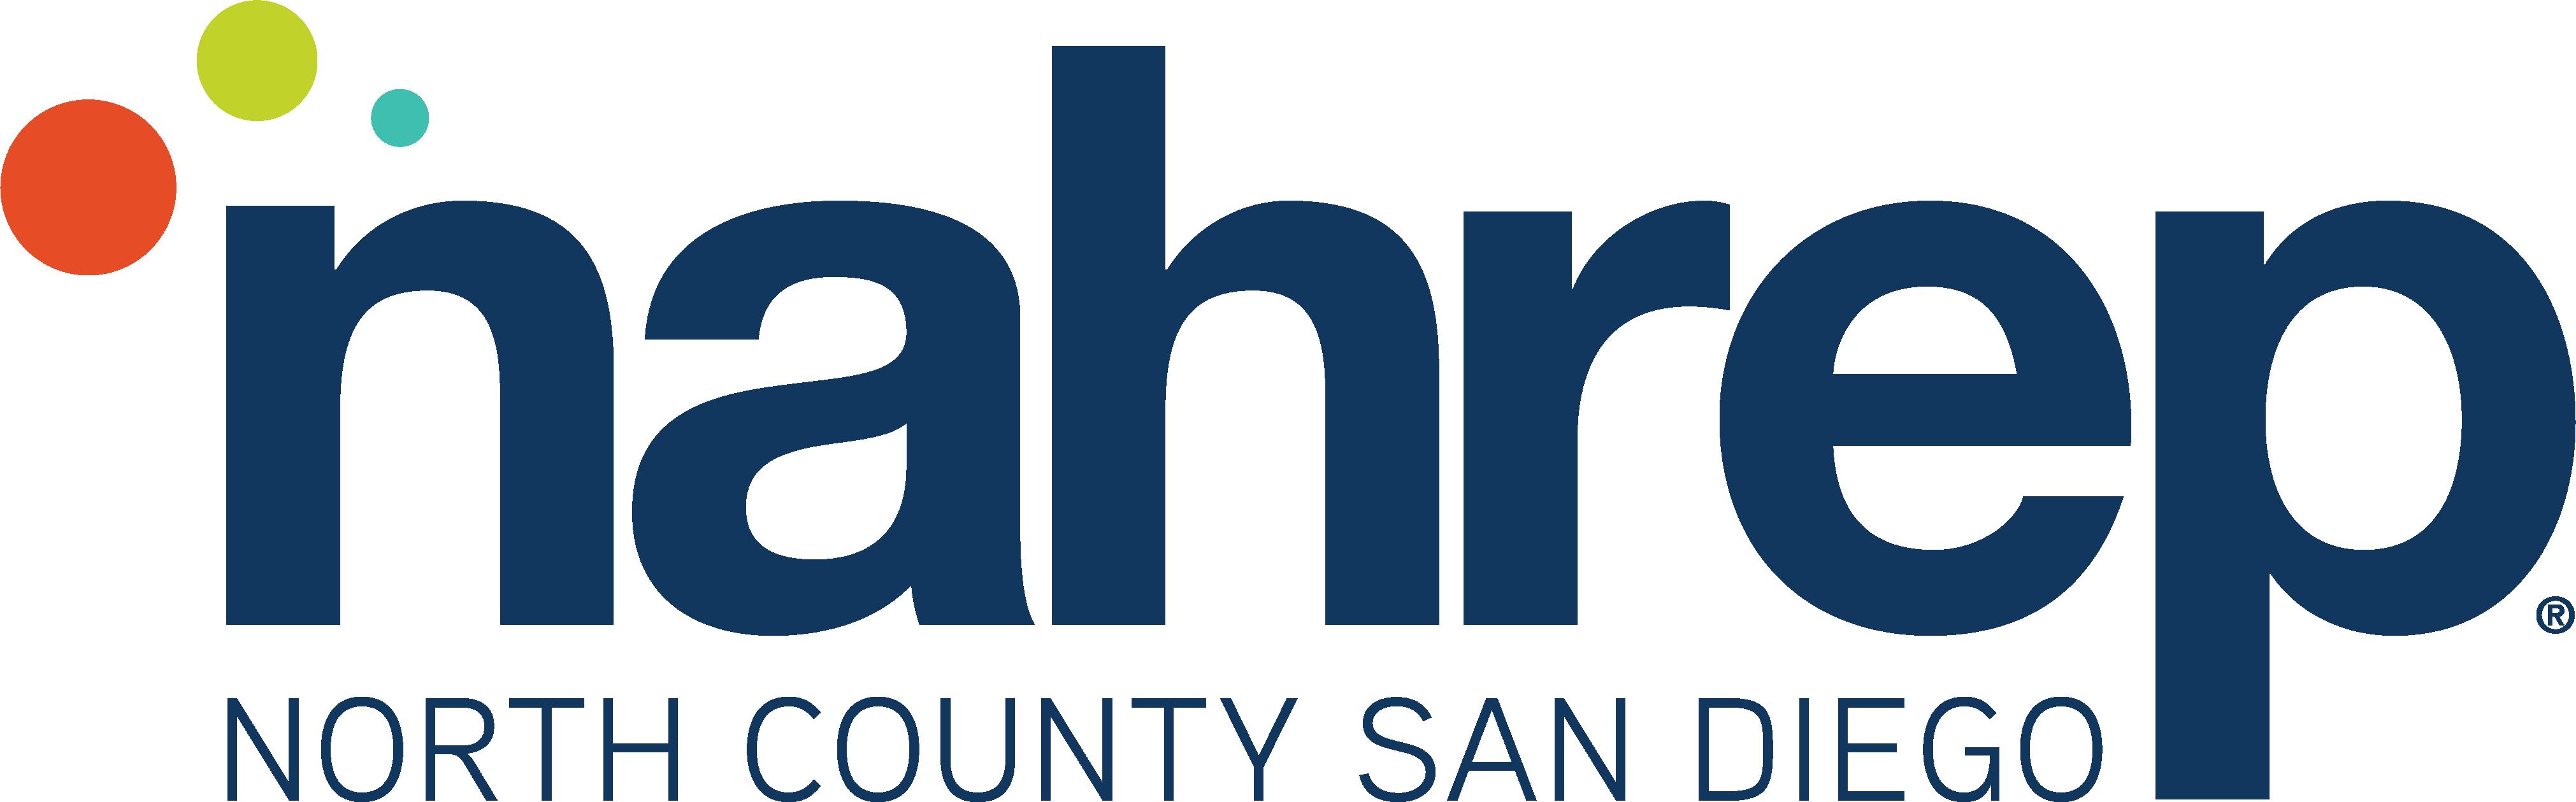 NAHREP North County San Diego